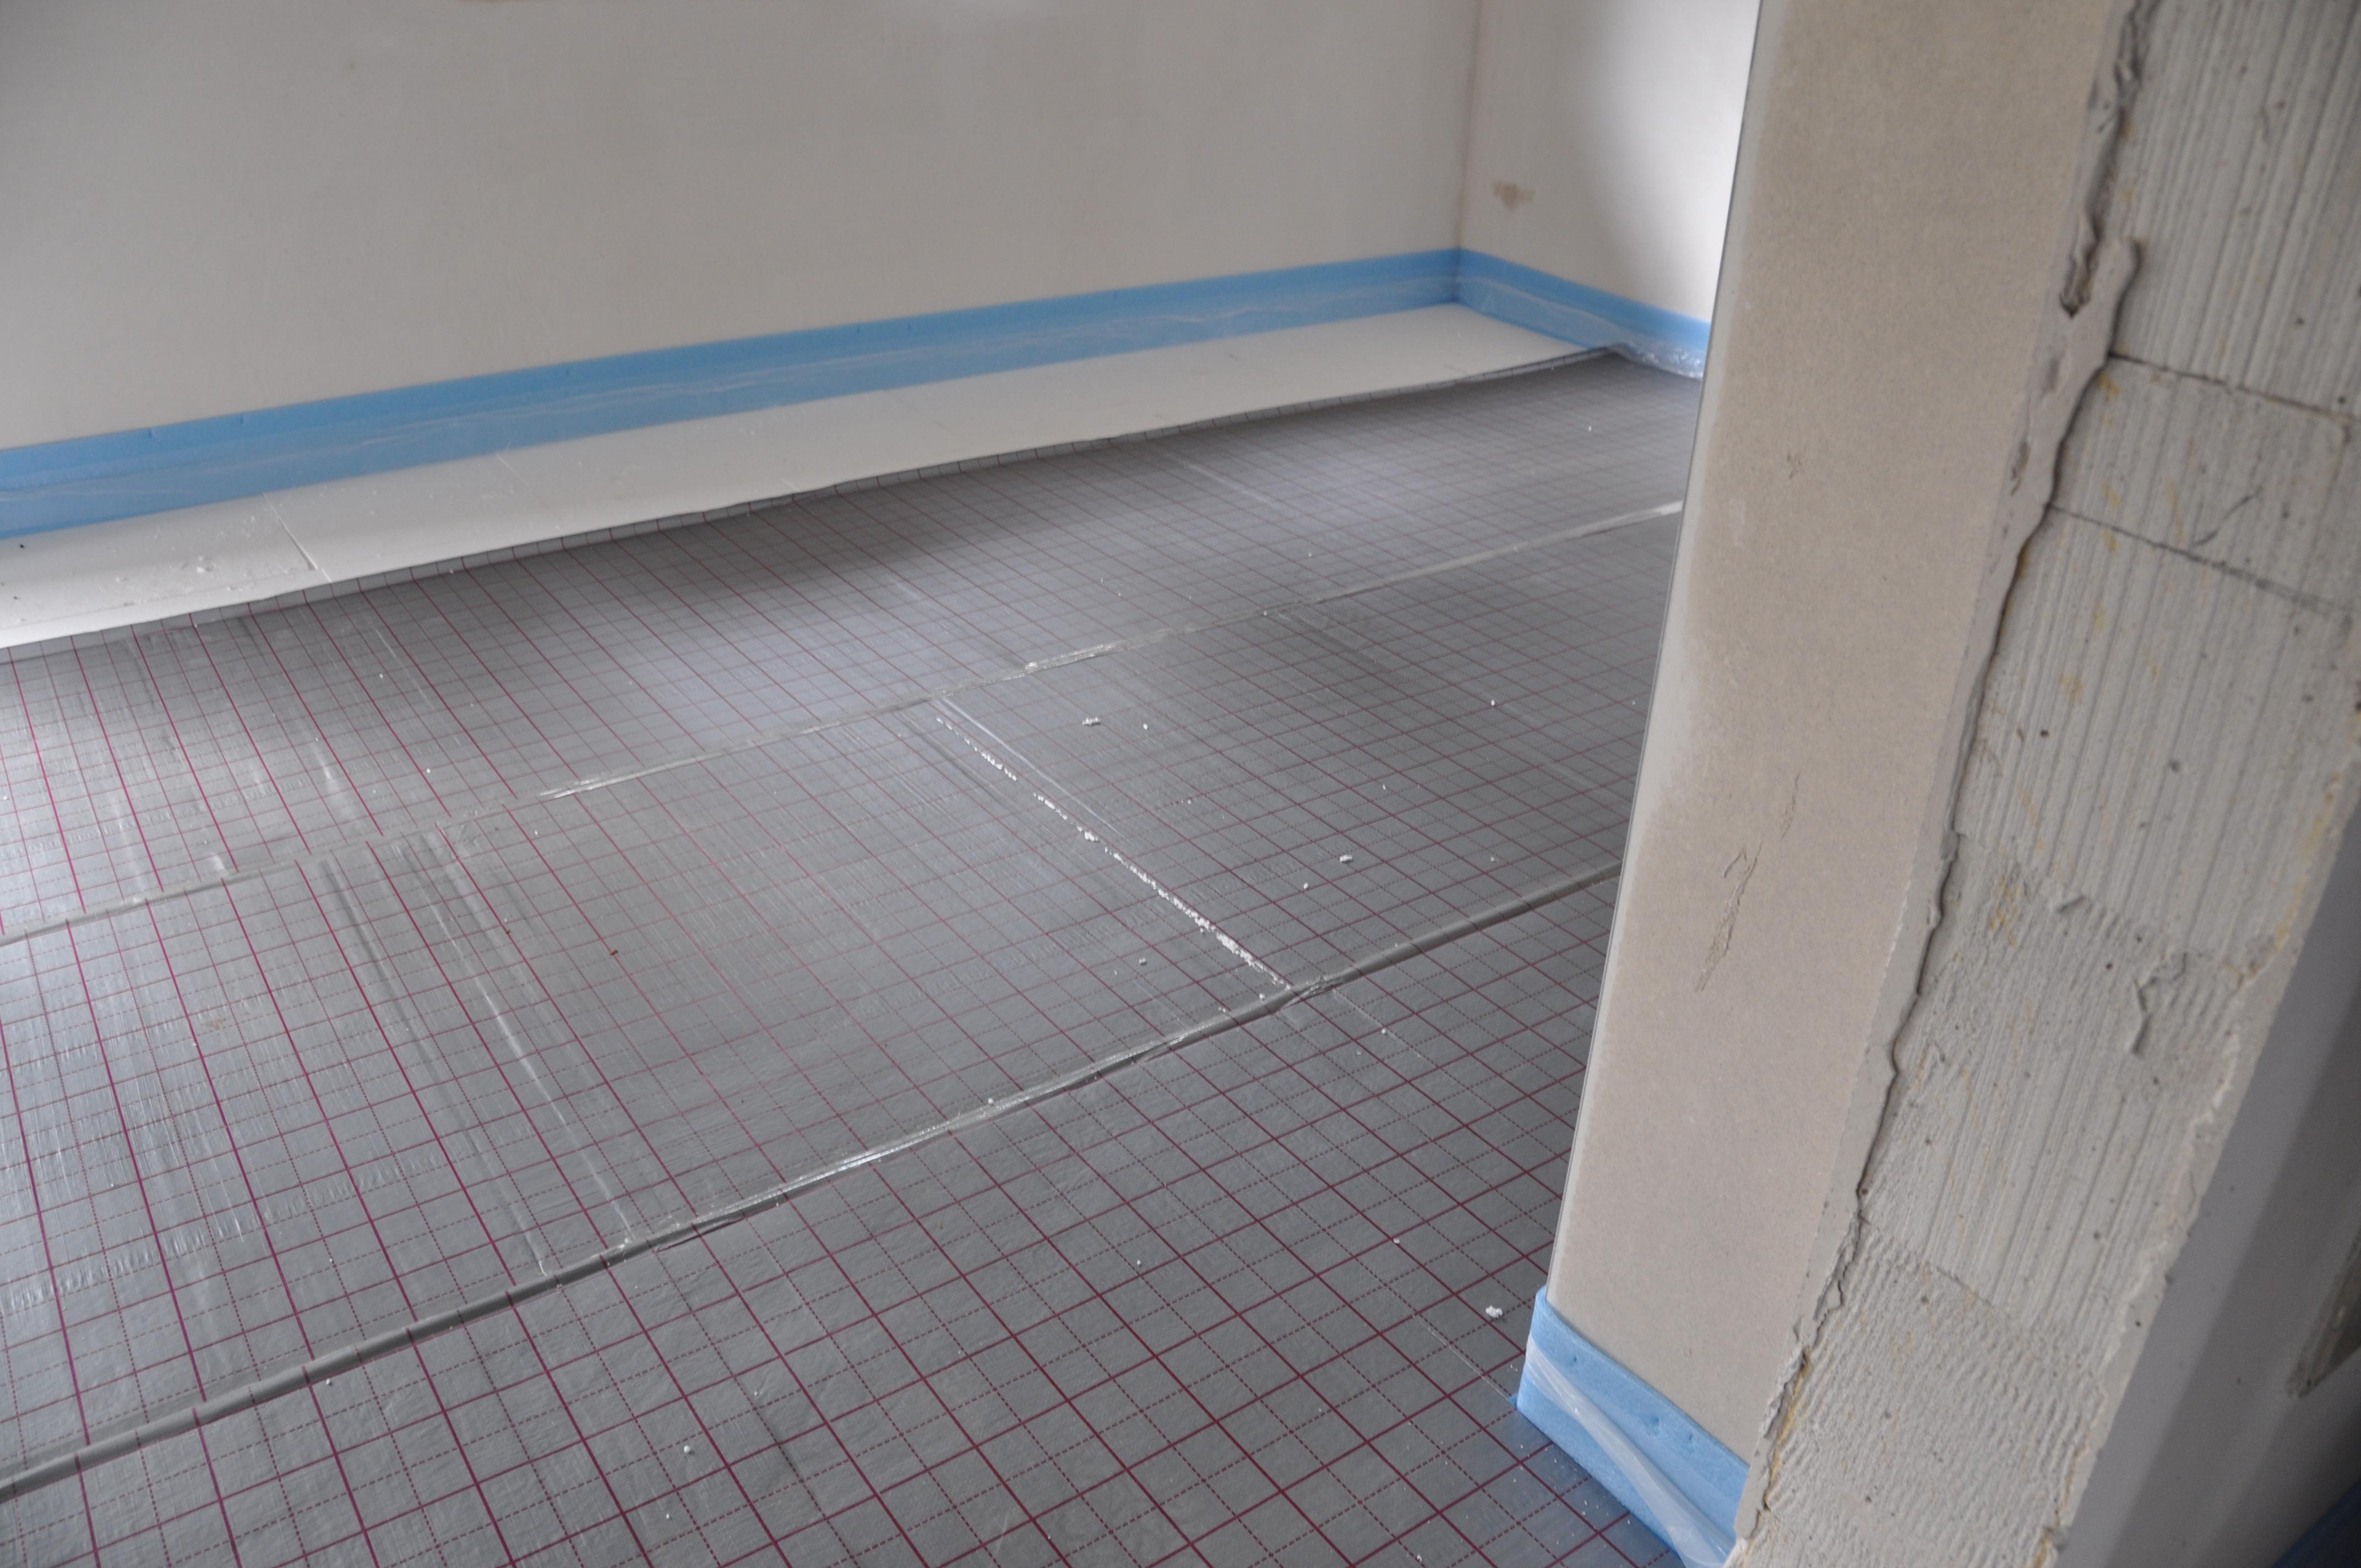 Fußboden Estrich Verlegen ~ Estrich verlegen ebay kleinanzeigen